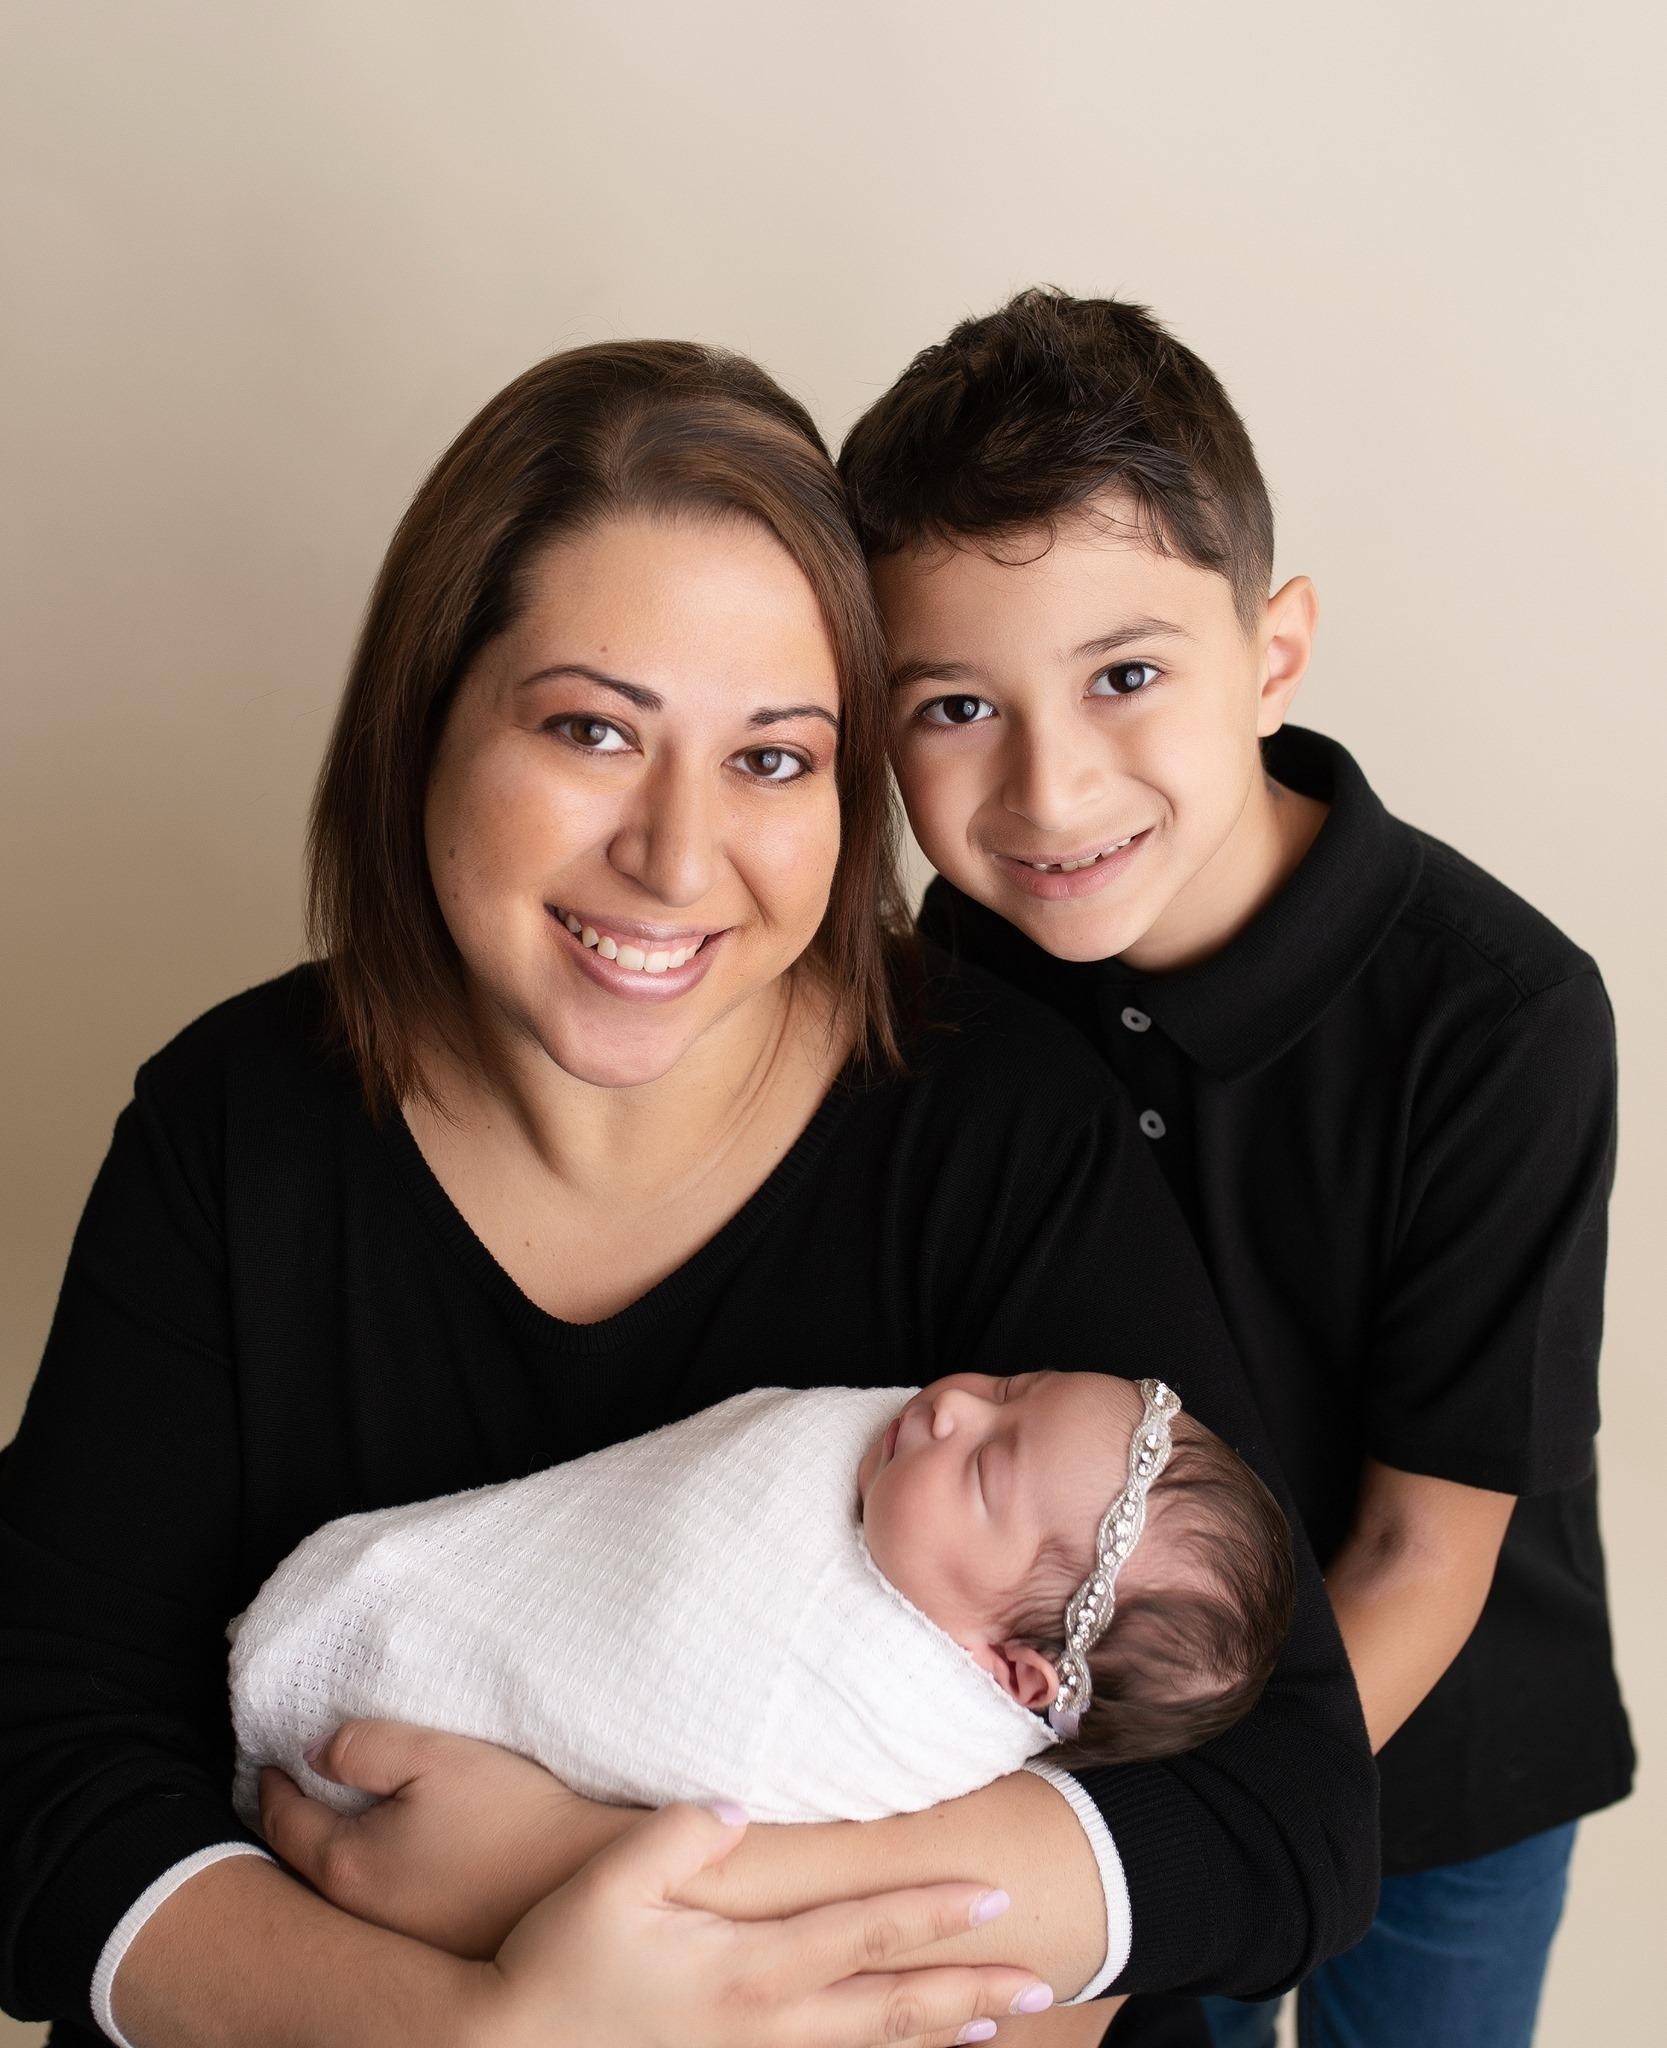 Kimberly and children